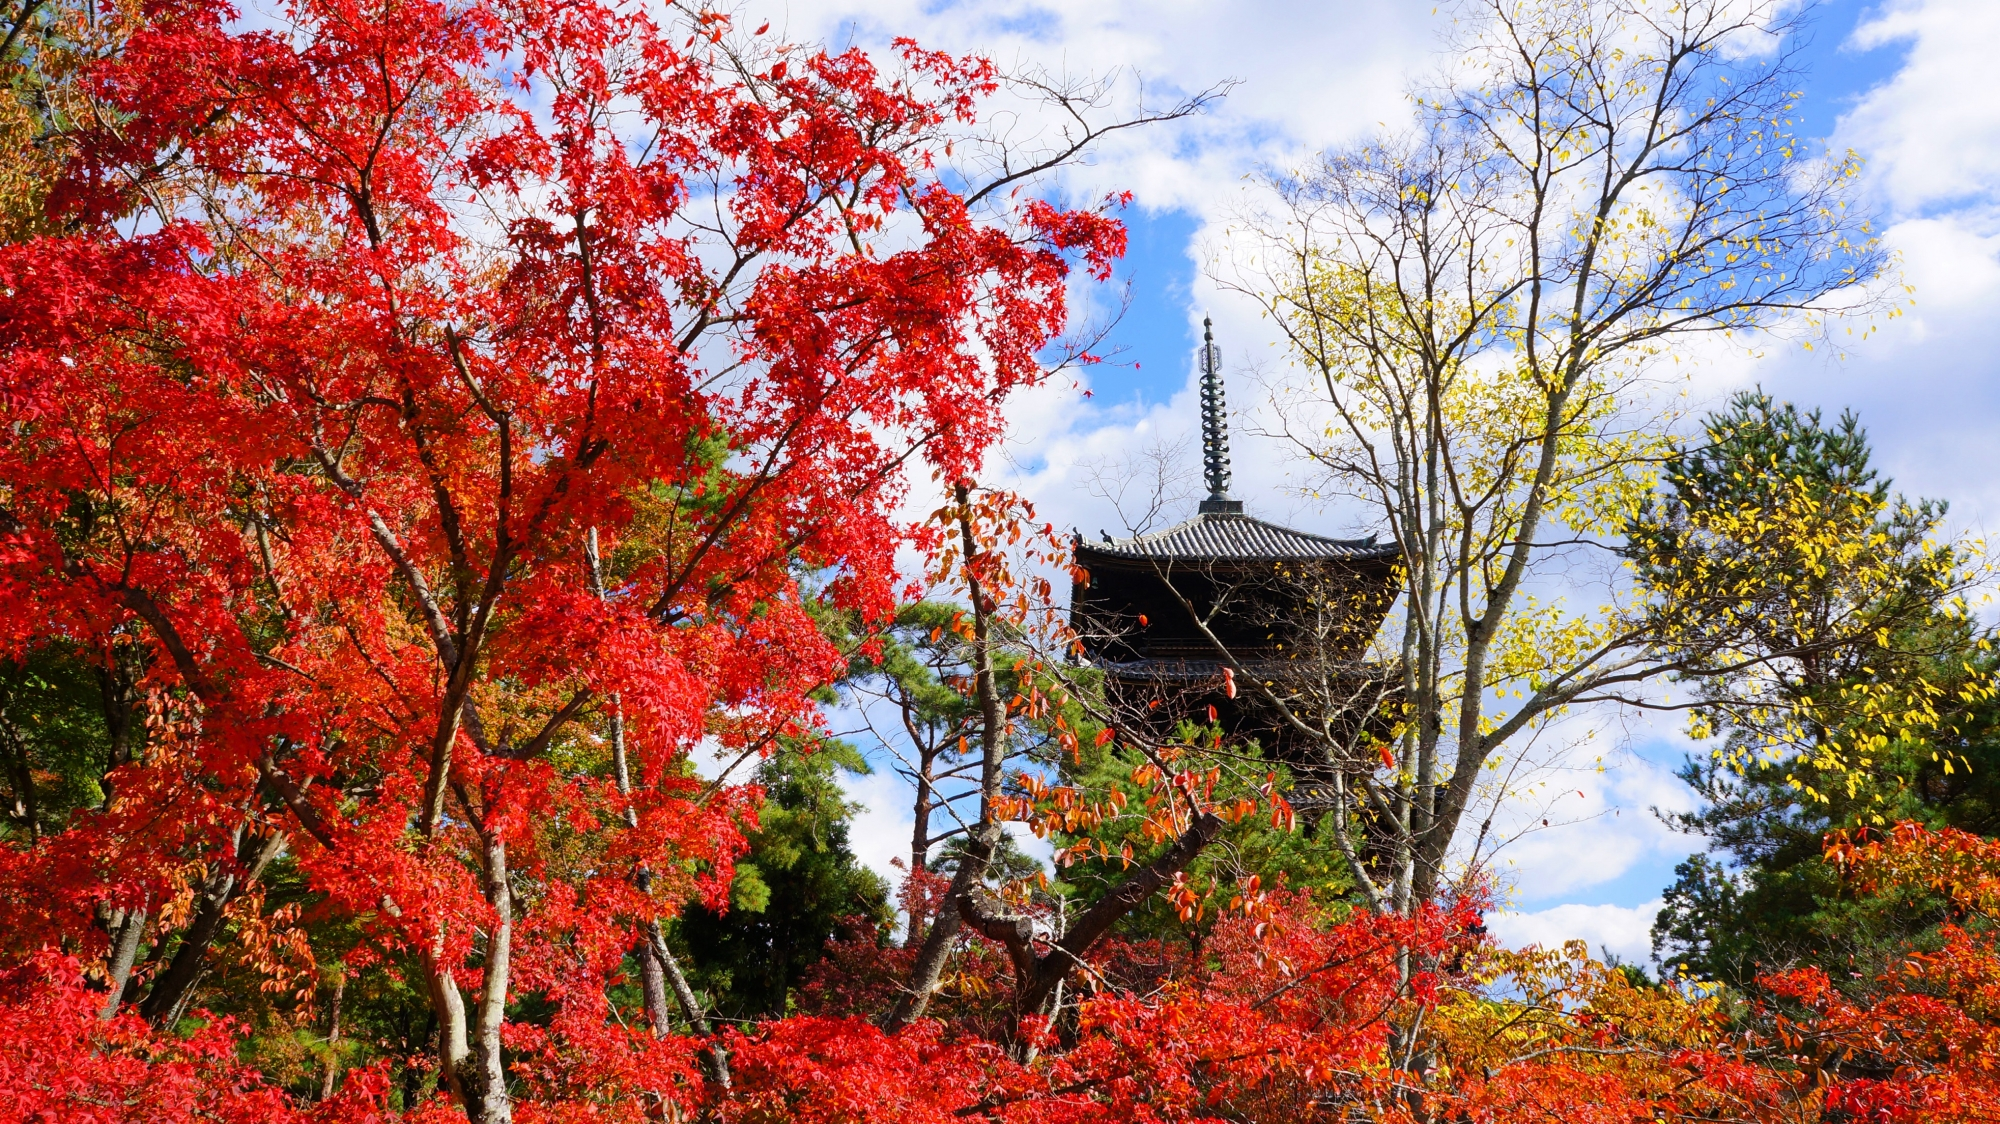 煌く紅葉につつまれる五重塔